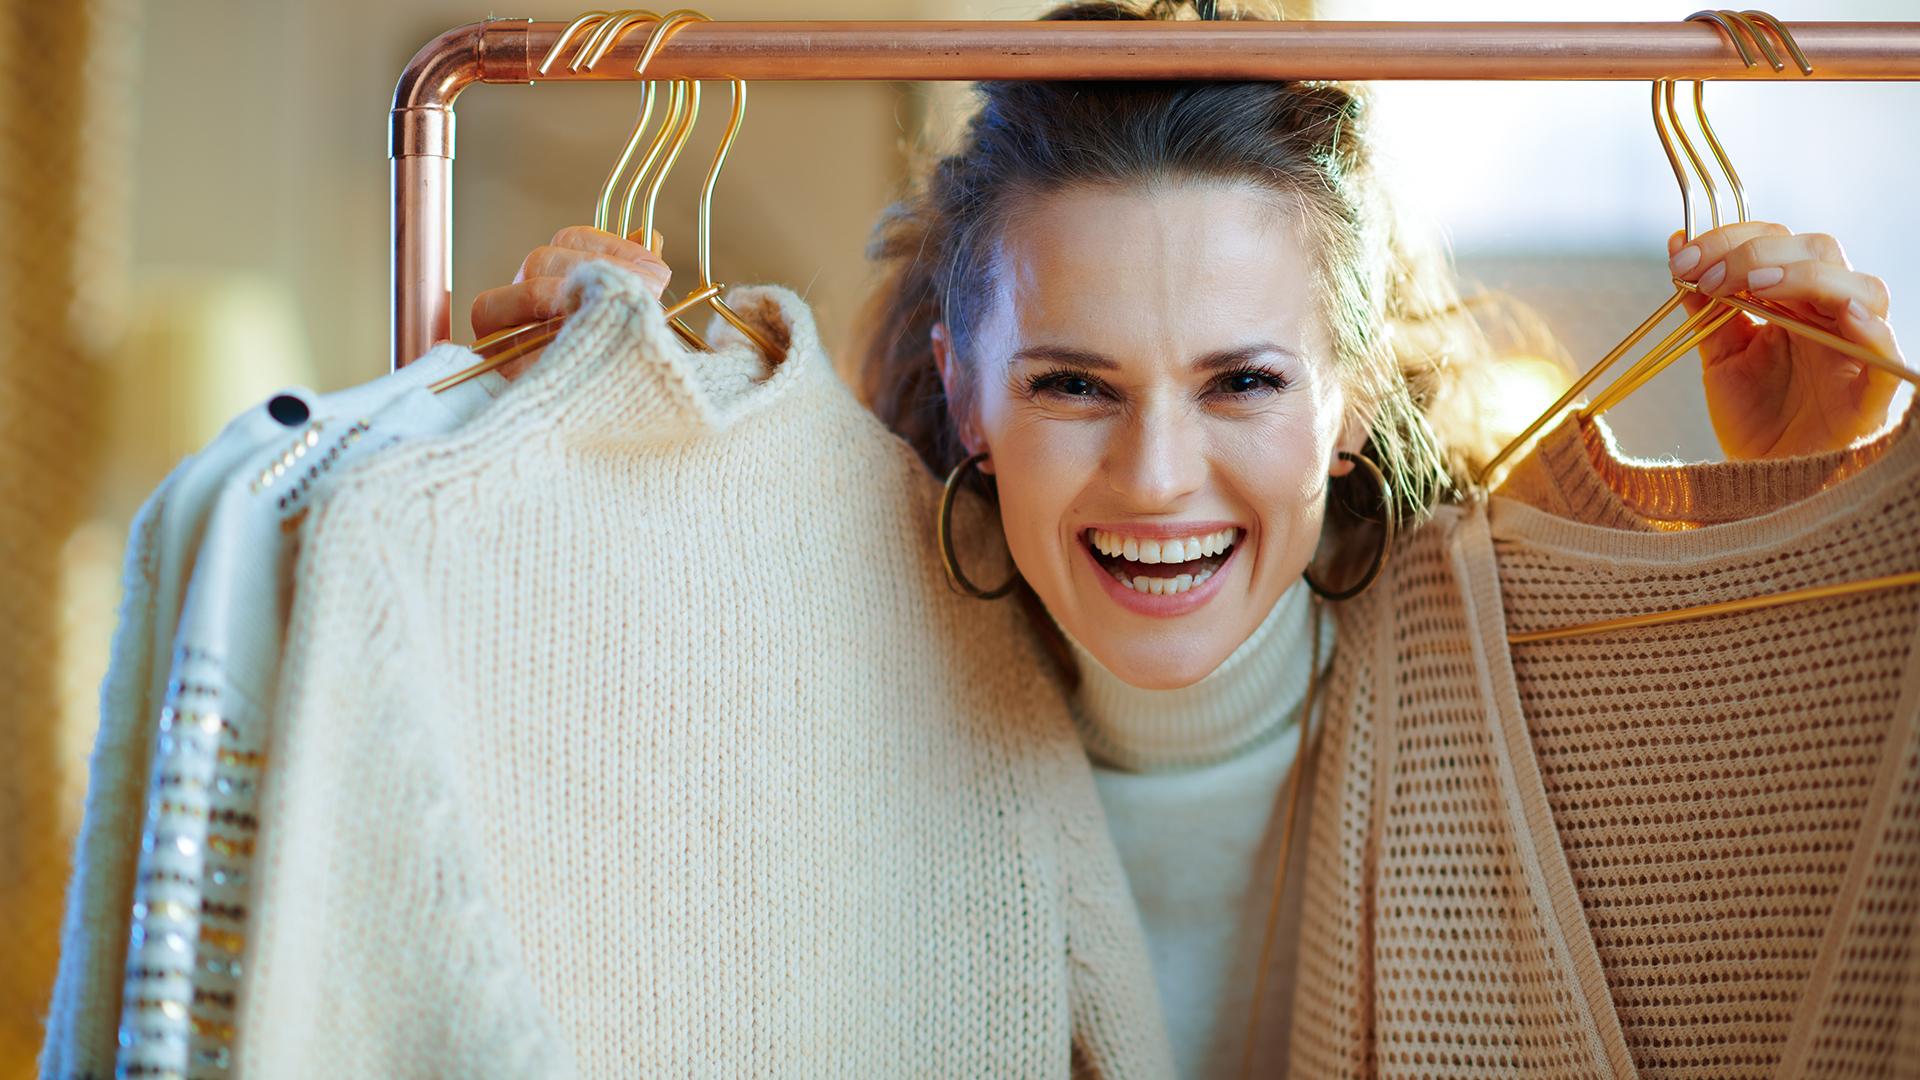 Каким должен быть базовый осенний гардероб в 2021 году?